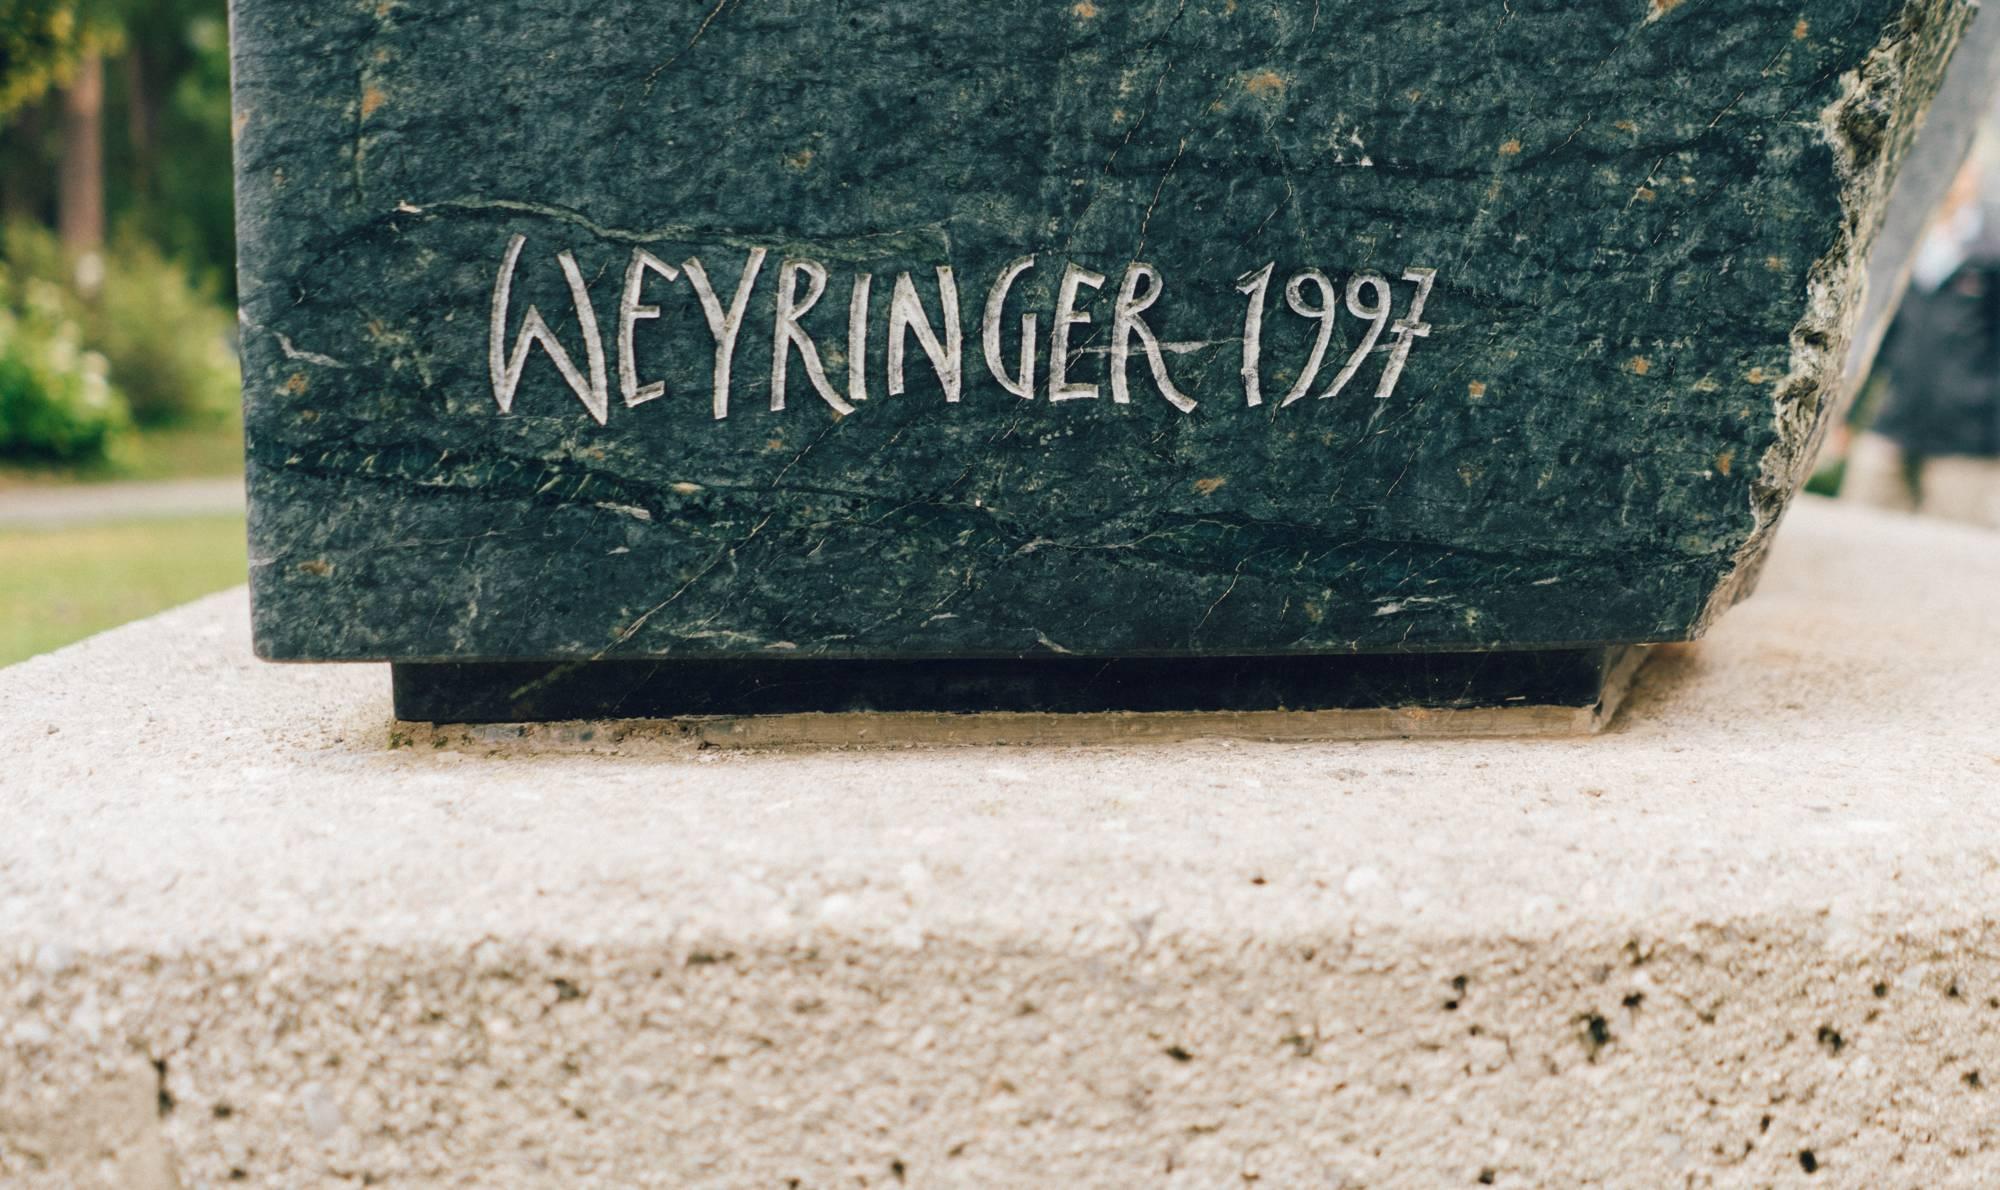 Weyringer 1997